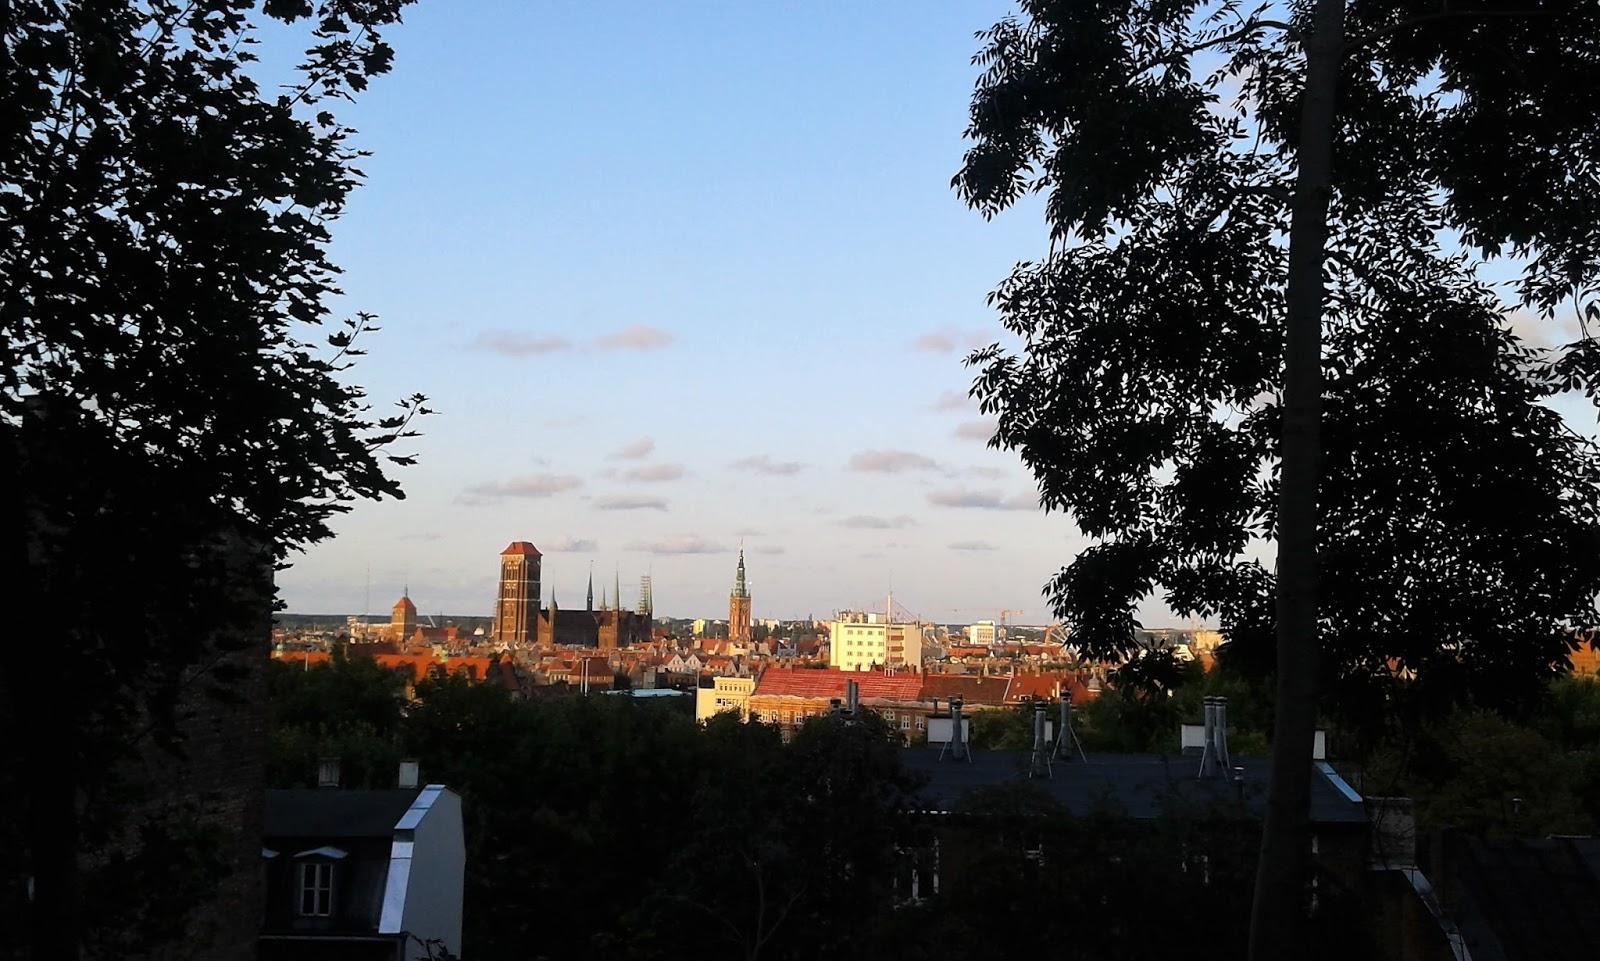 Alternatywne zwiedzanie Gdańska - Biskupia Górka